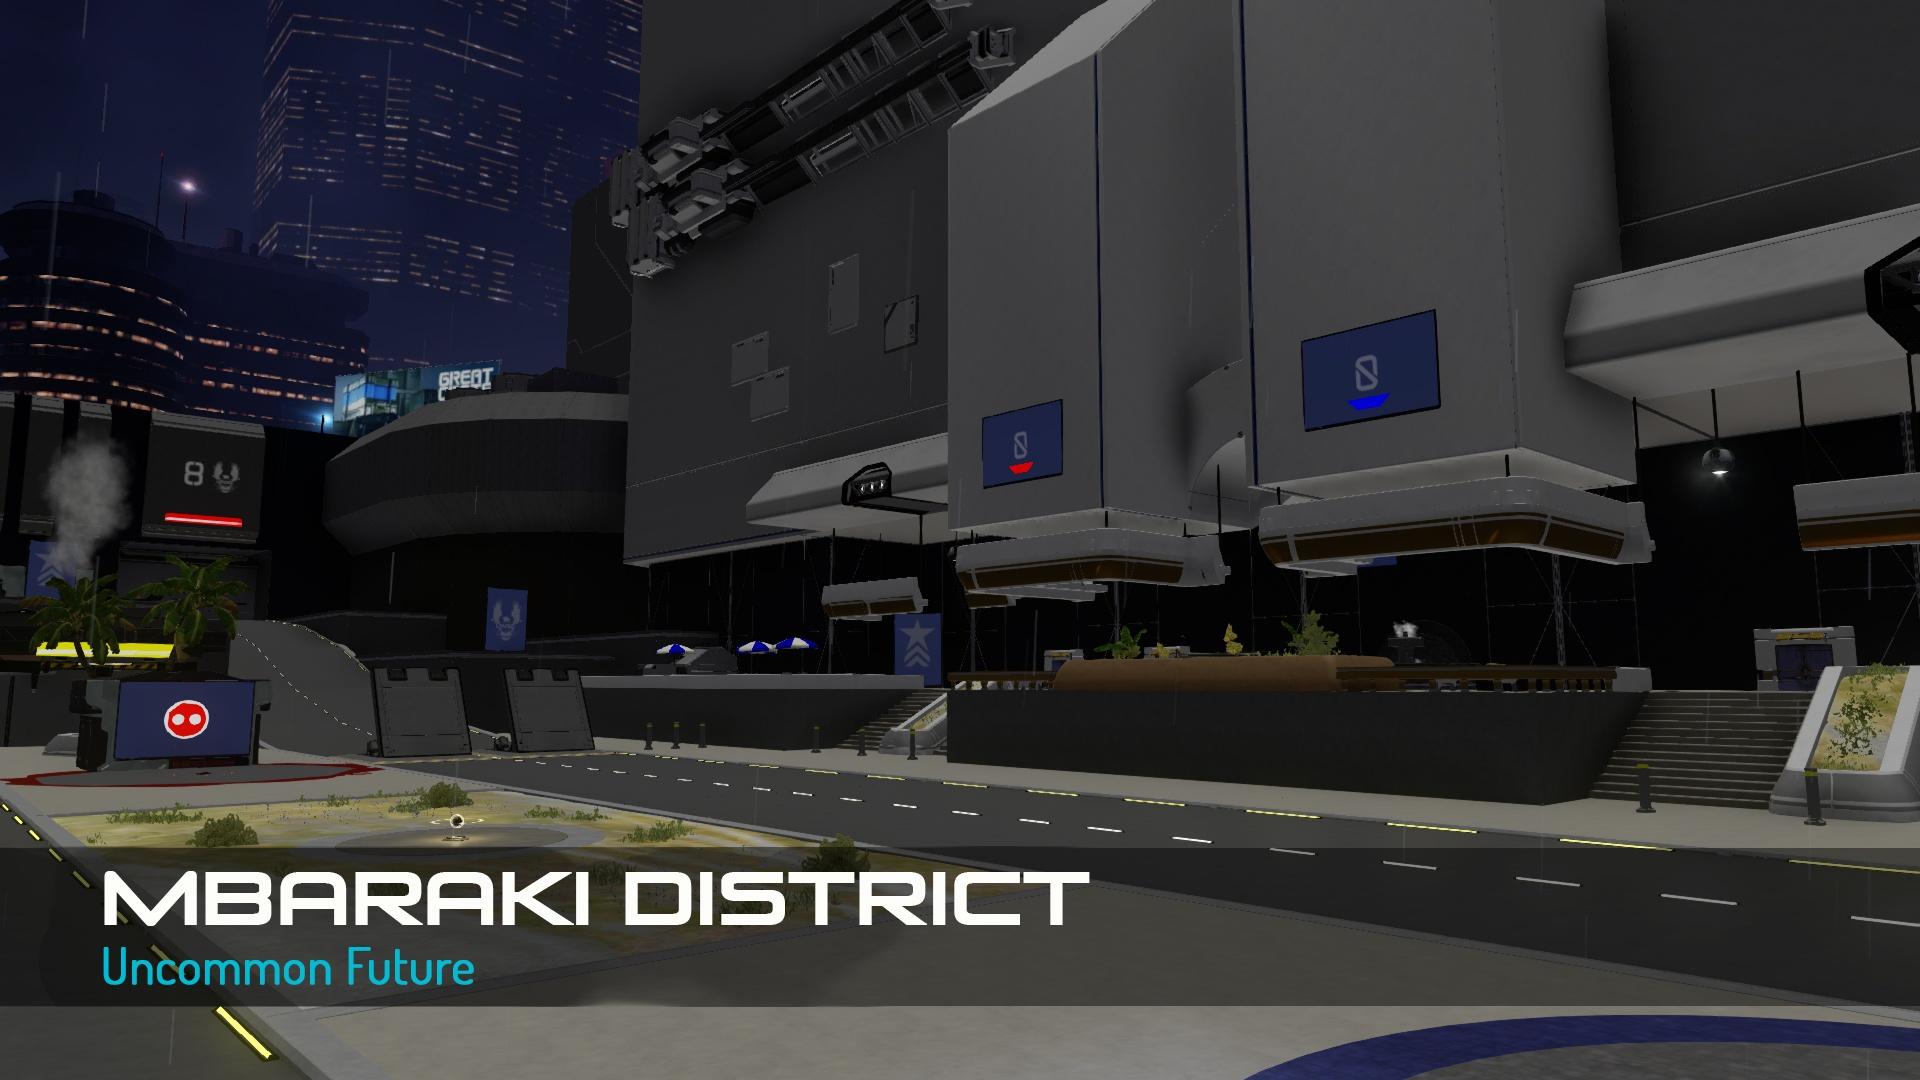 MbarakiDistrict.jpg